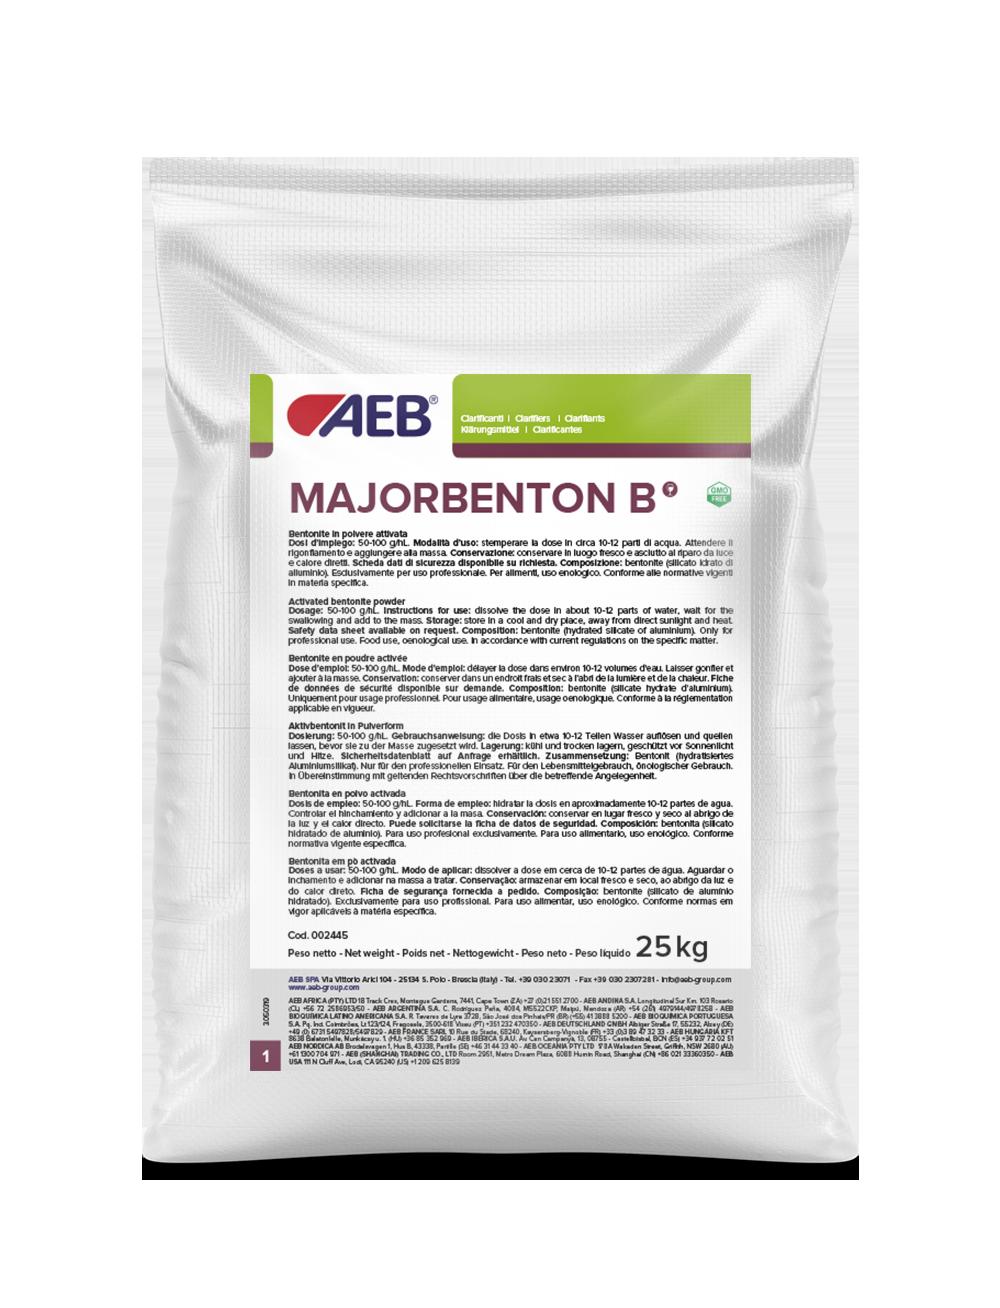 MAJORBENTON B